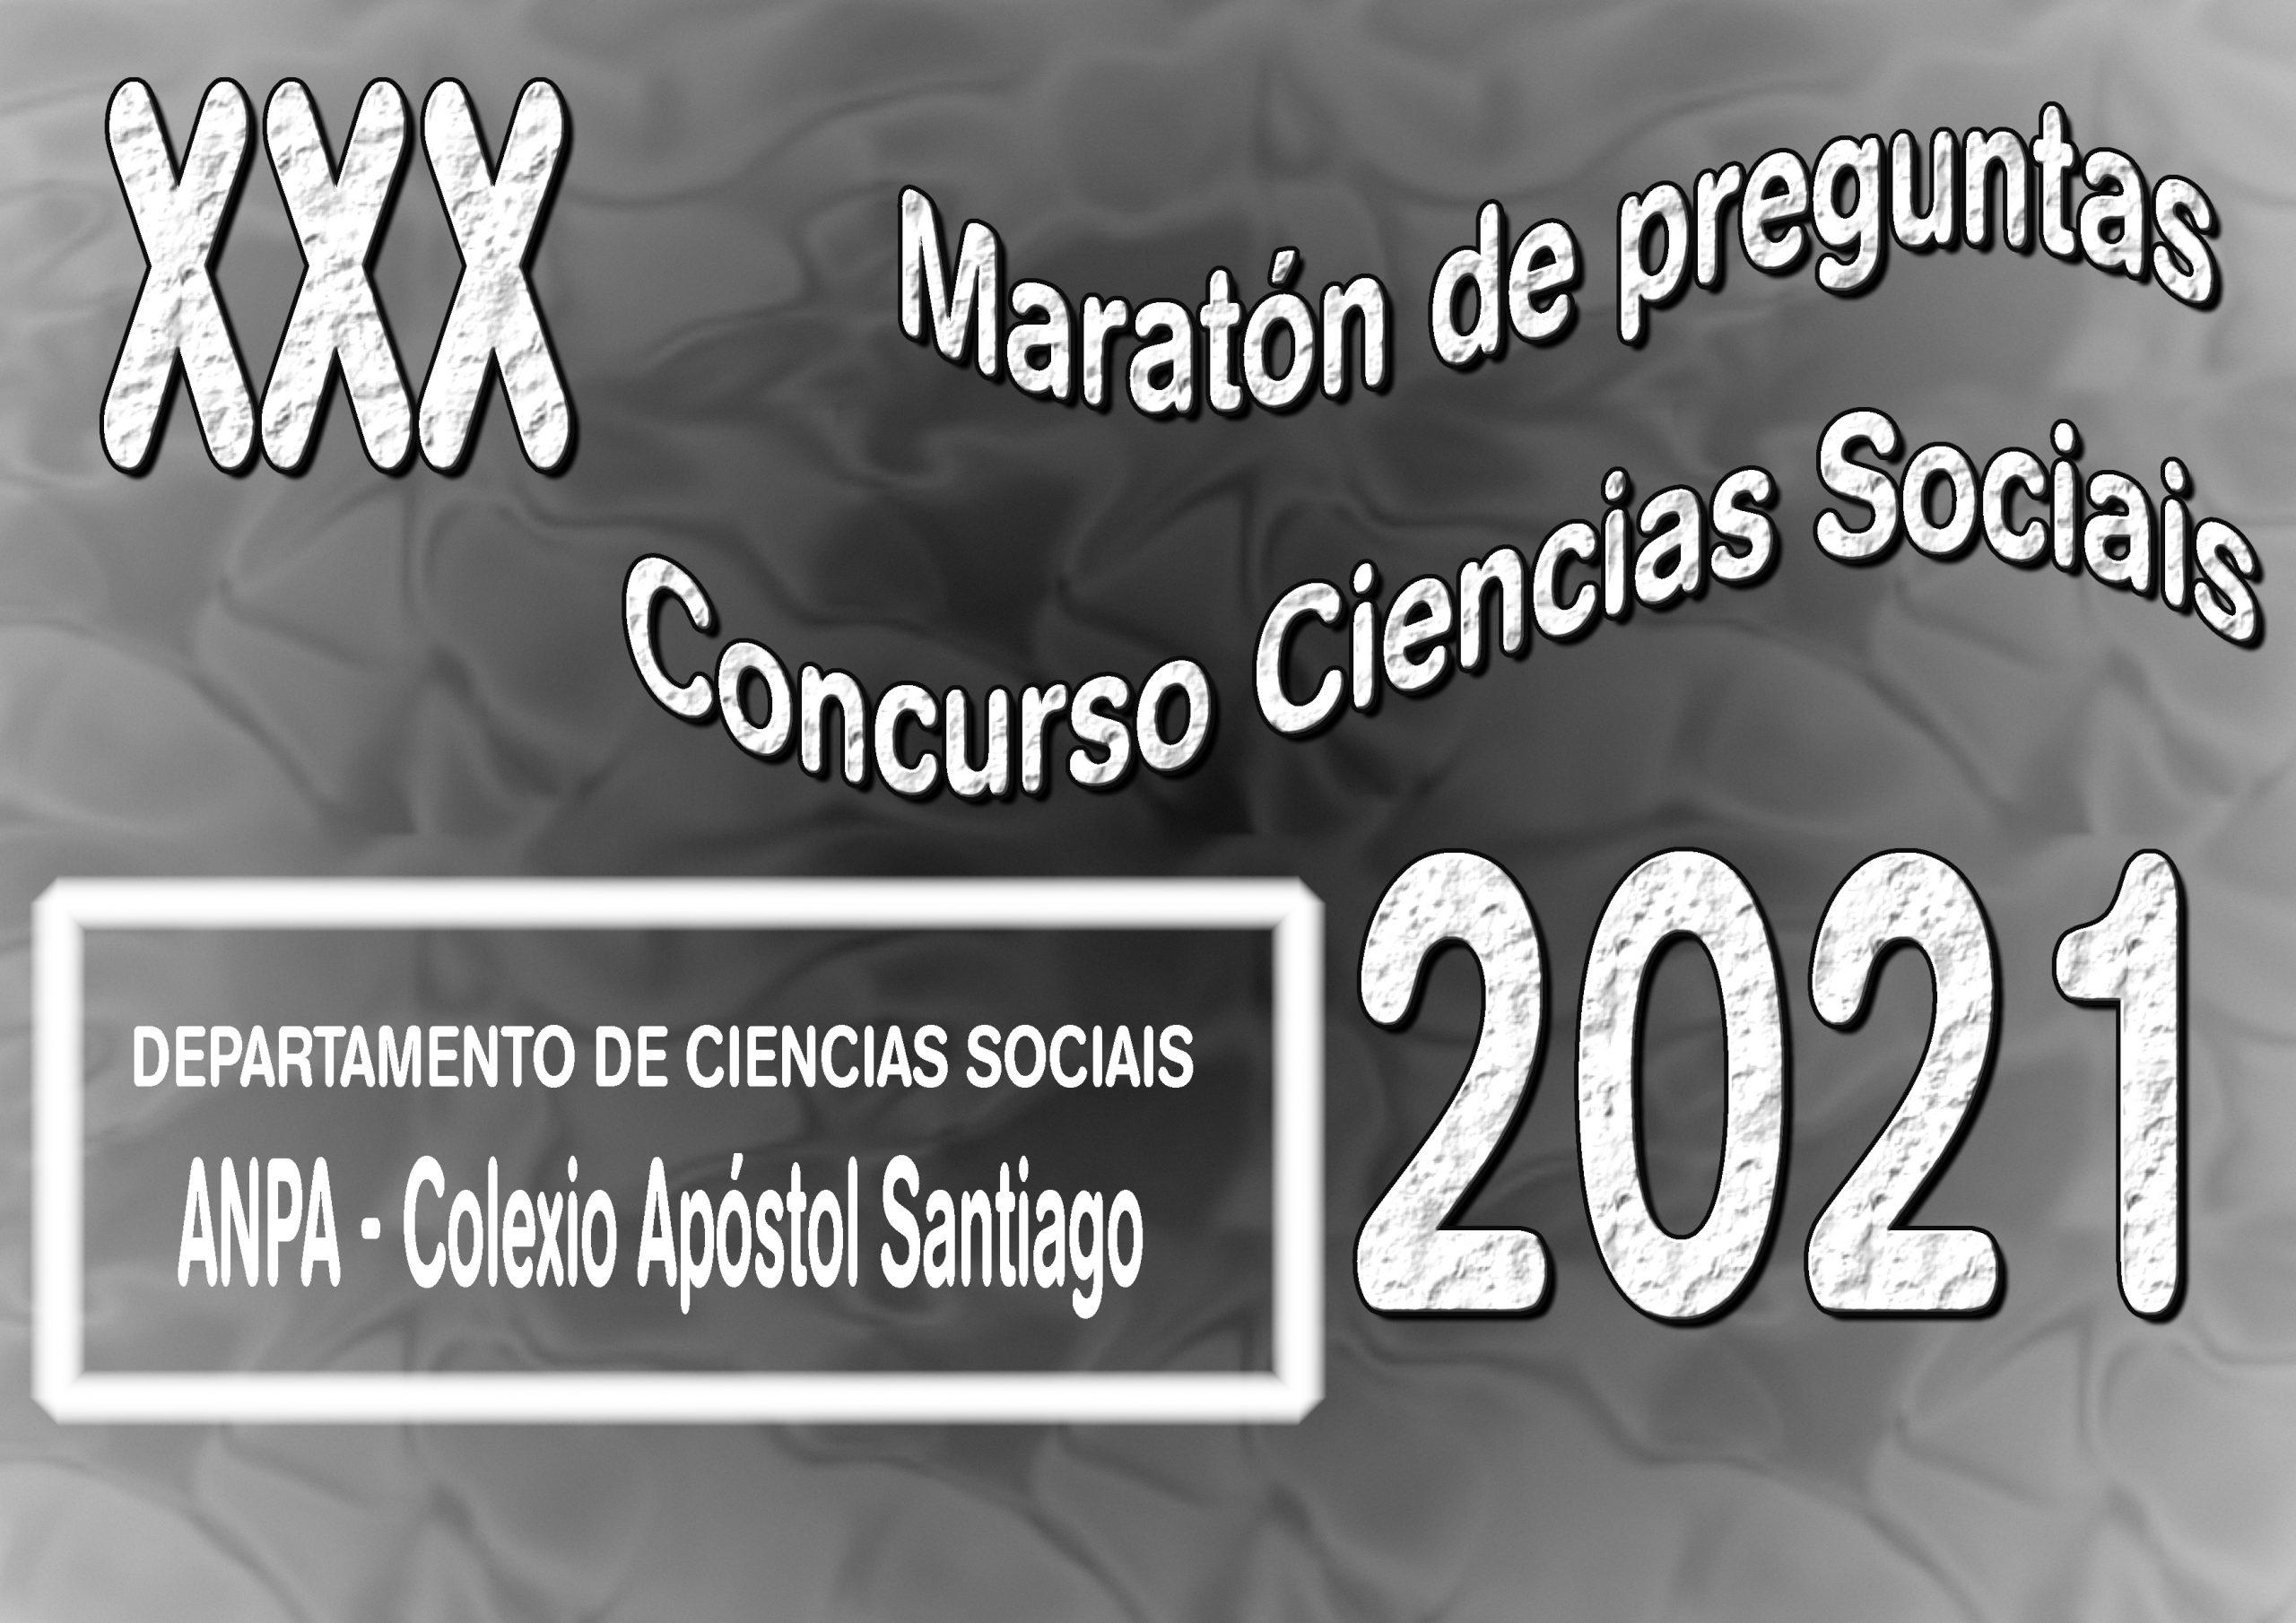 XXX Concurso de Ciencias Sociais-Maratón de Preguntas, curso 20-21